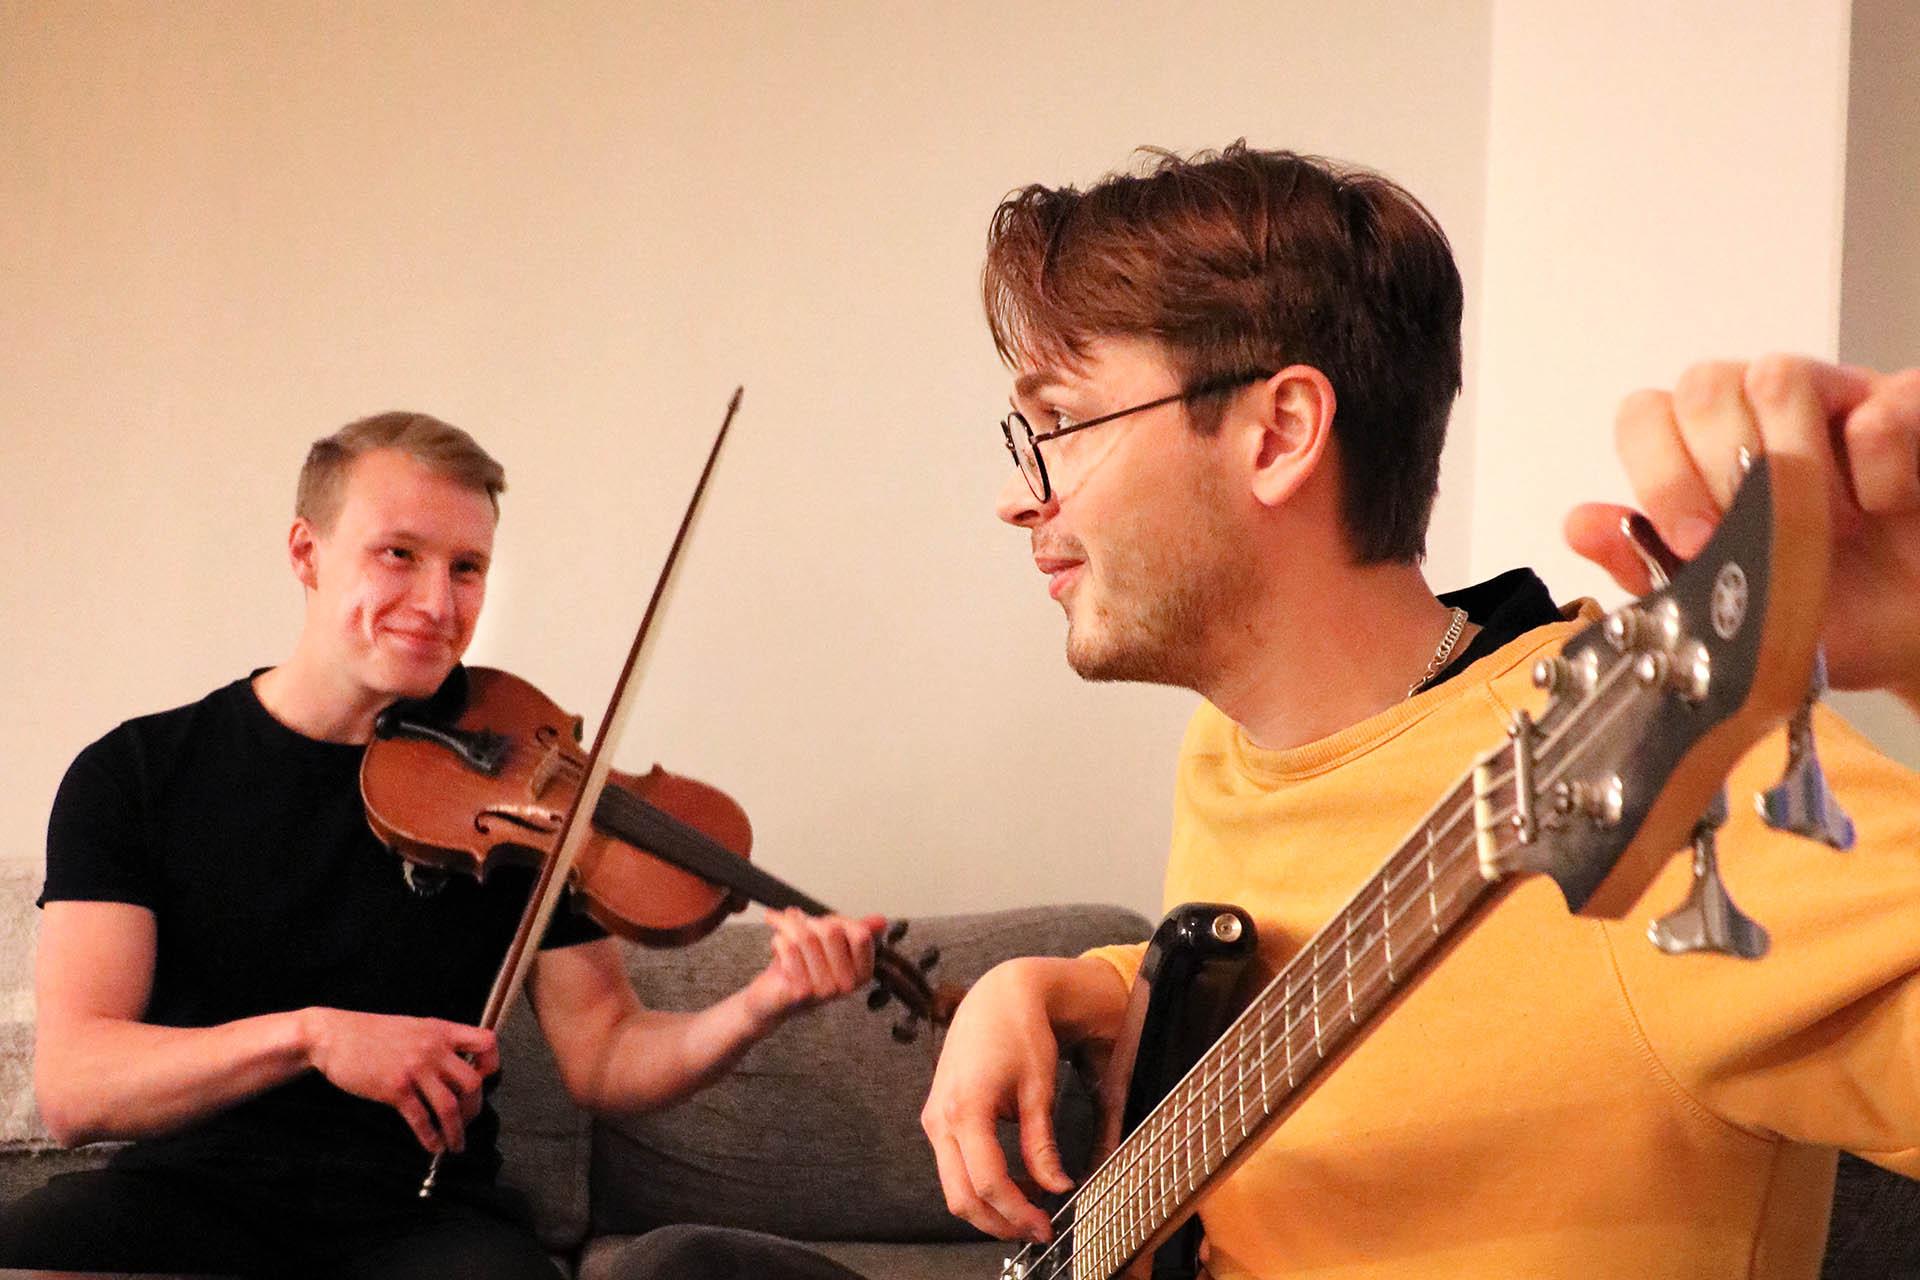 Intresset för musik är en annan sak som Filip och Anders har gemensamt.